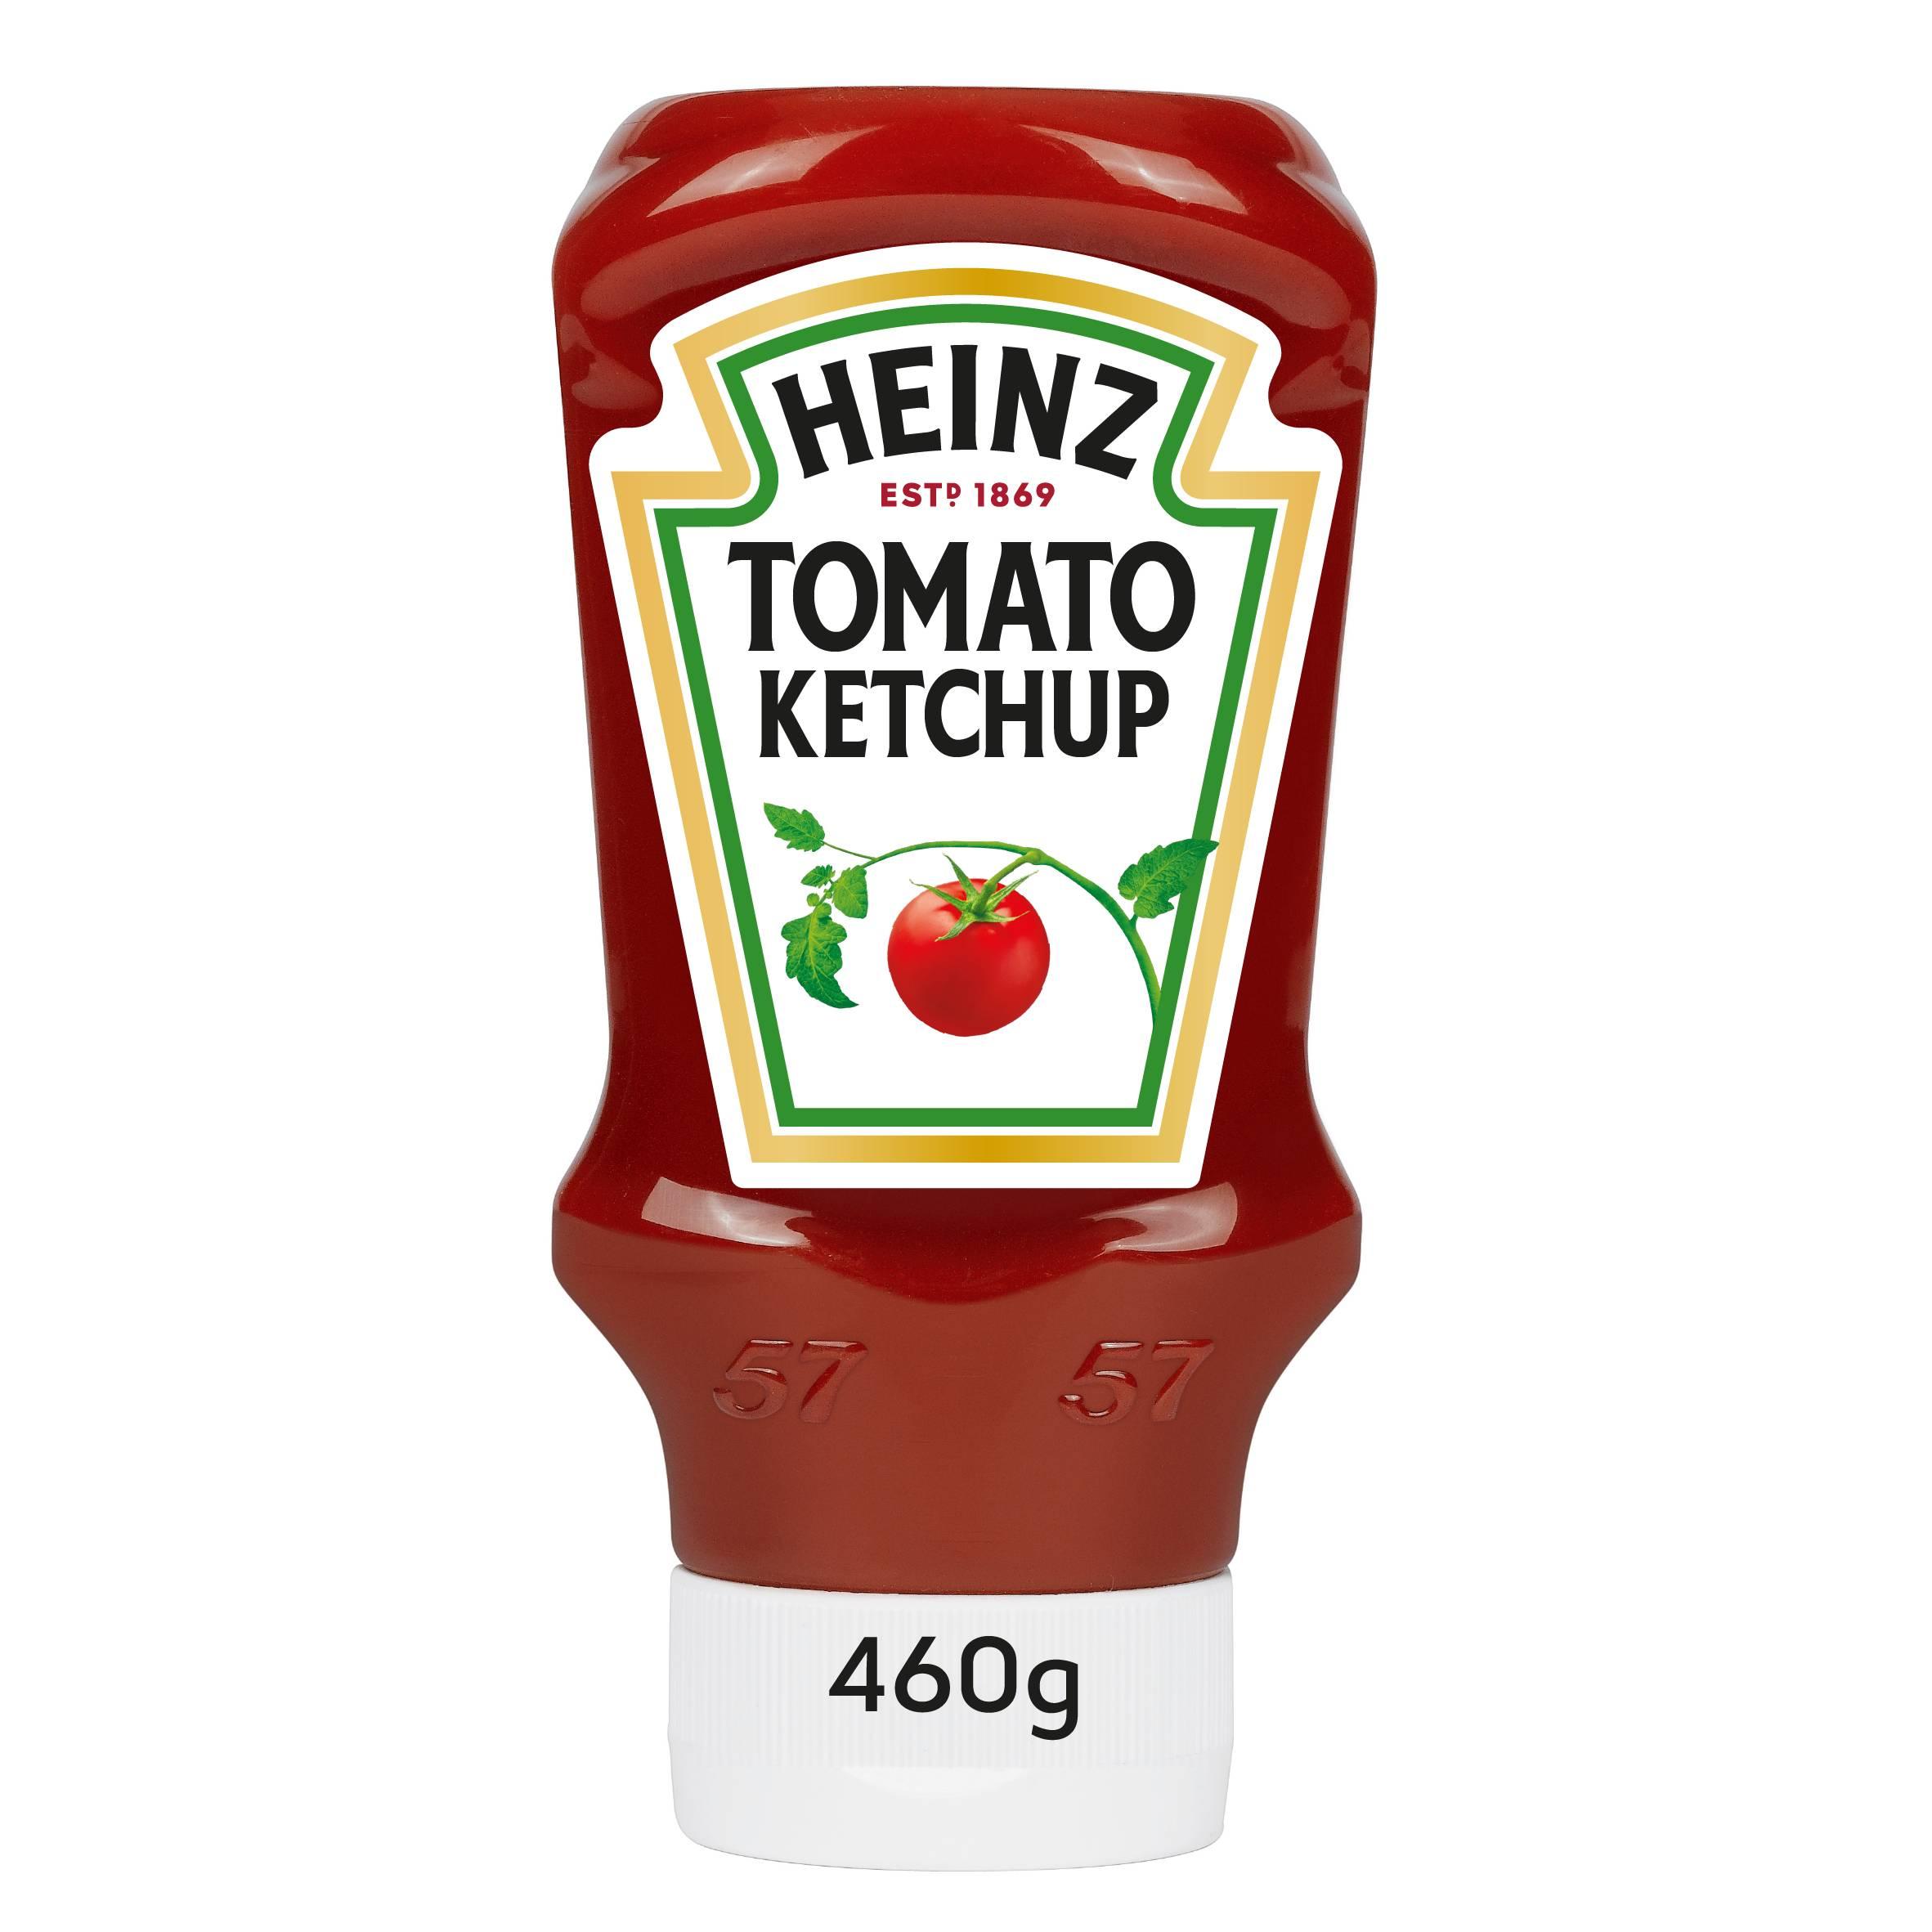 Heinz Tomato Ketchup 500ml image